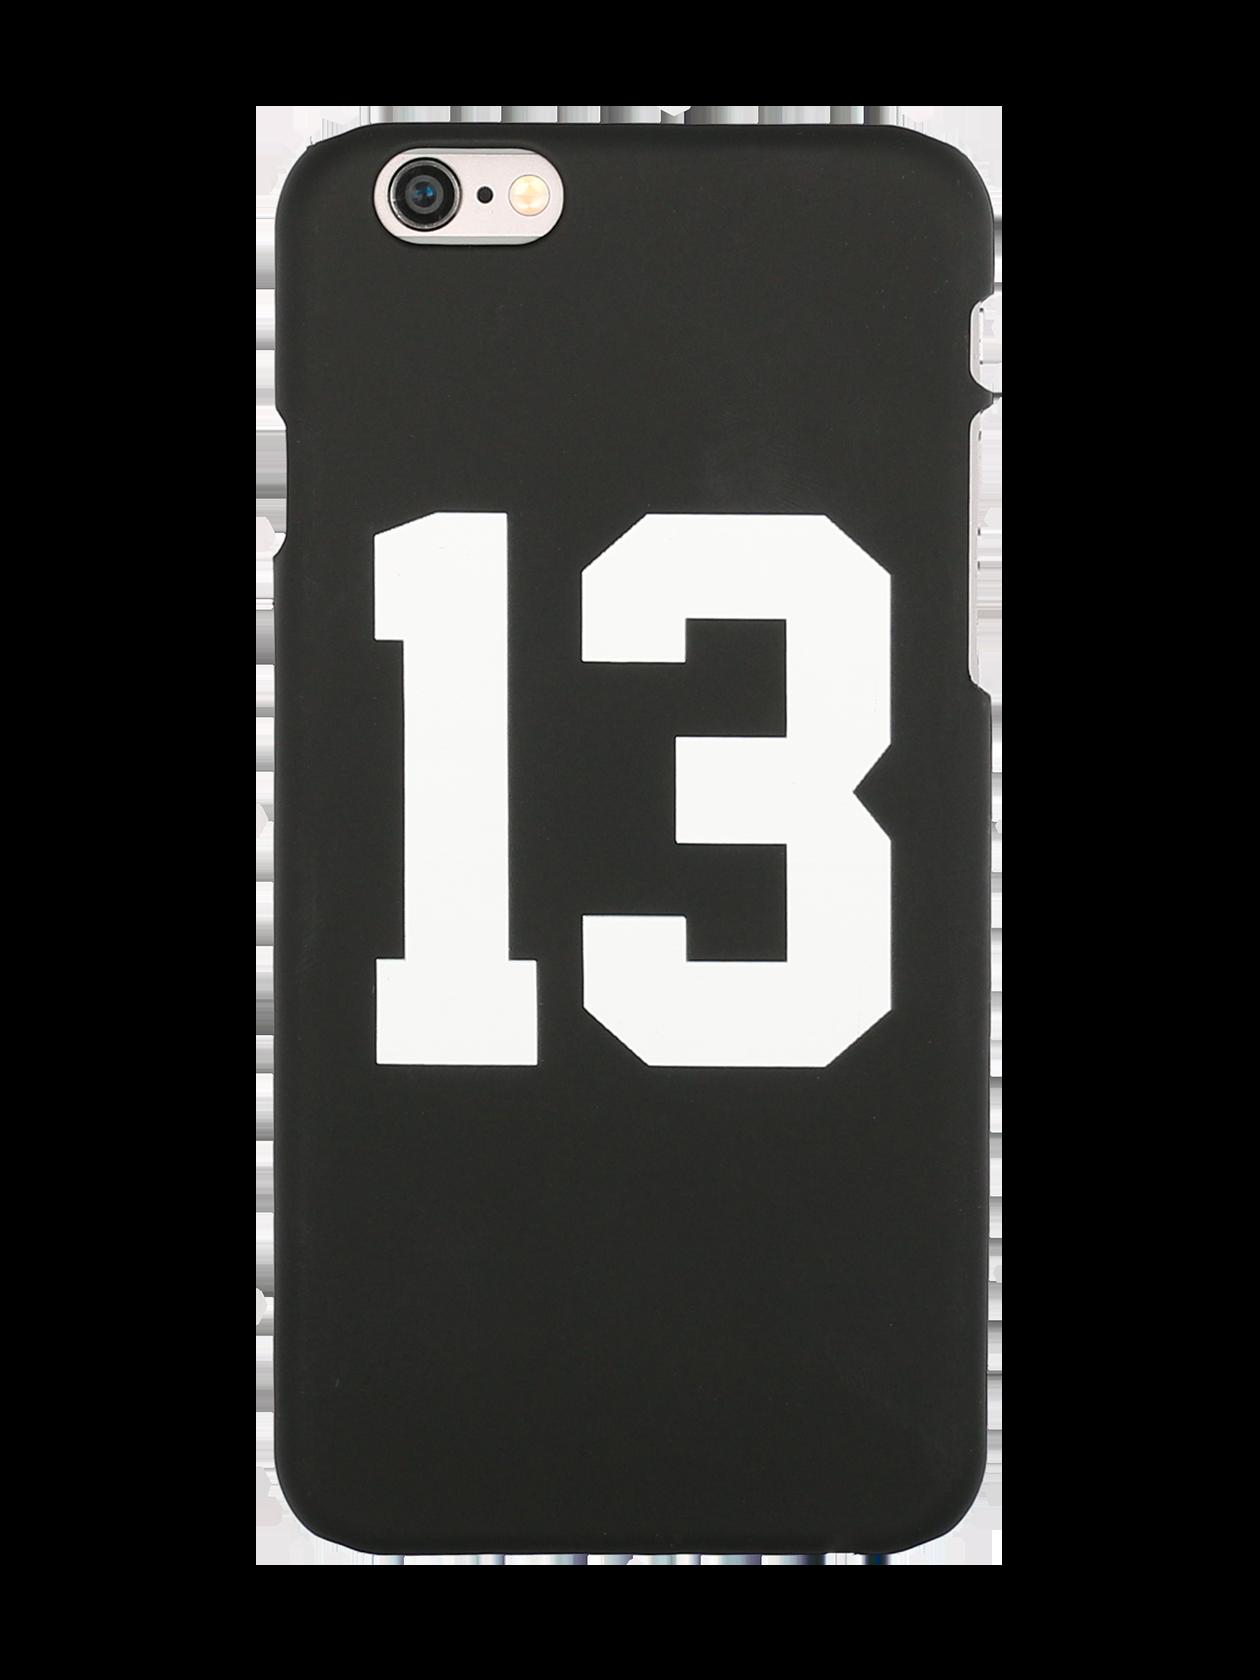 Чехол для телефона 13 SPORTЧехол для телефона 13 Sport из коллекции Black Star Wear для завершения стильного образа. Аксессуар выполнен из прочного пластика, защищающего гаджет от сколов и царапин. Изделие в виде задней стенки мобильного устройства отлично повторяет контуры корпуса, препятствуя попаданию пыли. Лаконичный дизайн, черная матовая поверхность с принтом «13» по центру.<br><br>Размер: 6+<br>Цвет: Черный<br>Пол: Унисекс